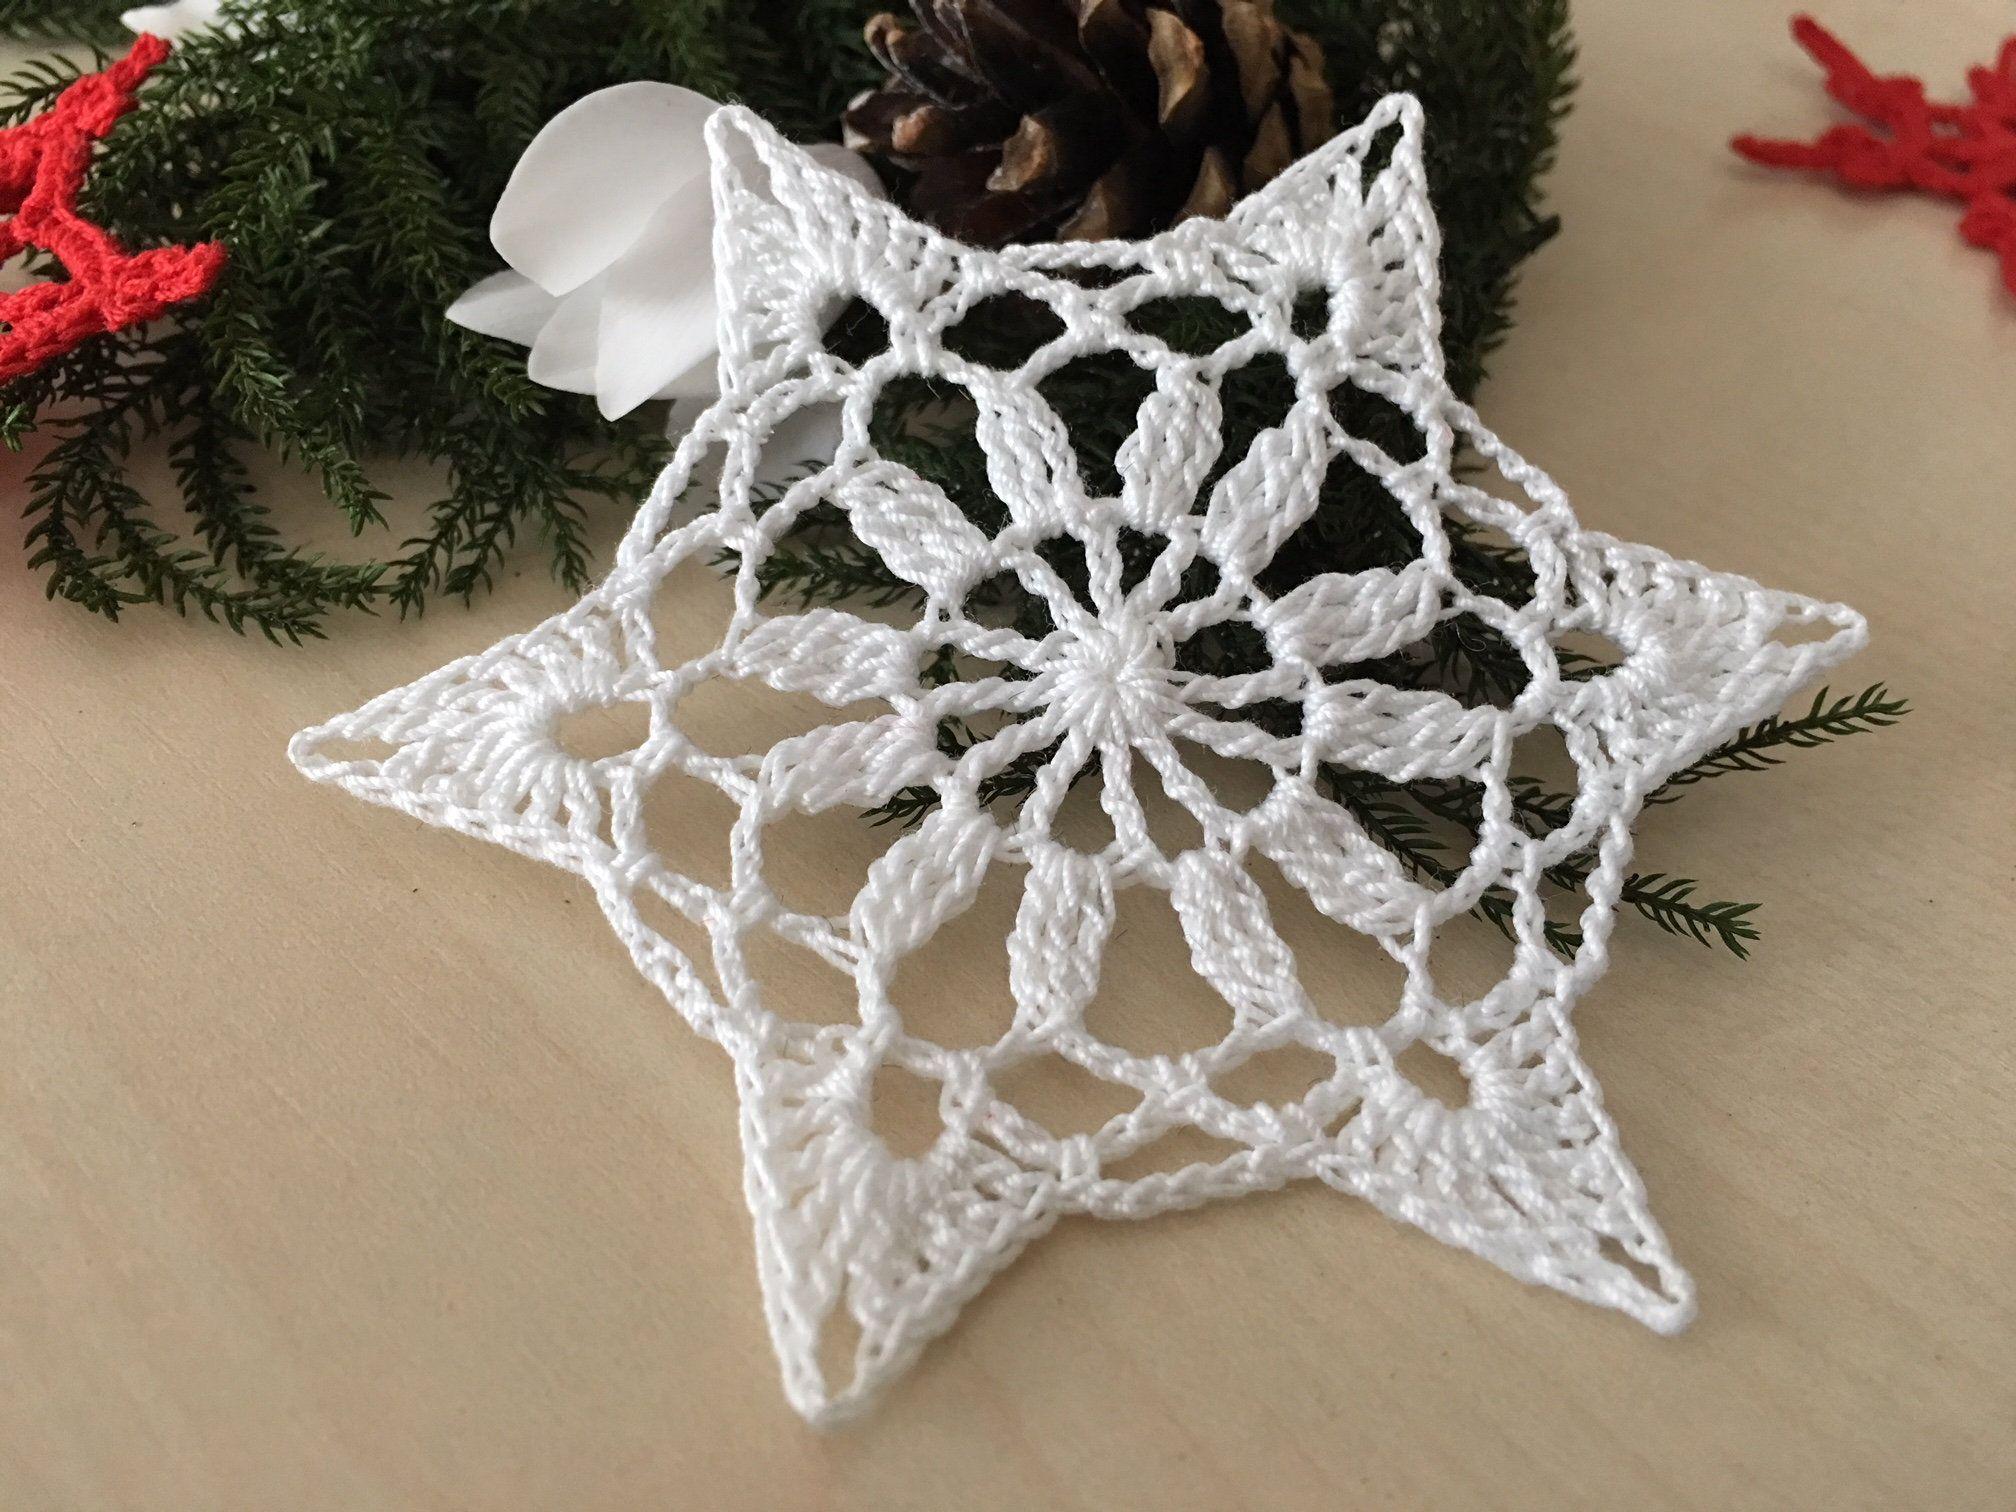 Addobbi Natalizi Uncinetto.Set Di 6 Decorazioni Di Natale Fiocchi Di Neve Uncinetto Etsy Crochet Snowflakes Christmas Crochet Crochet Snowflake Pattern